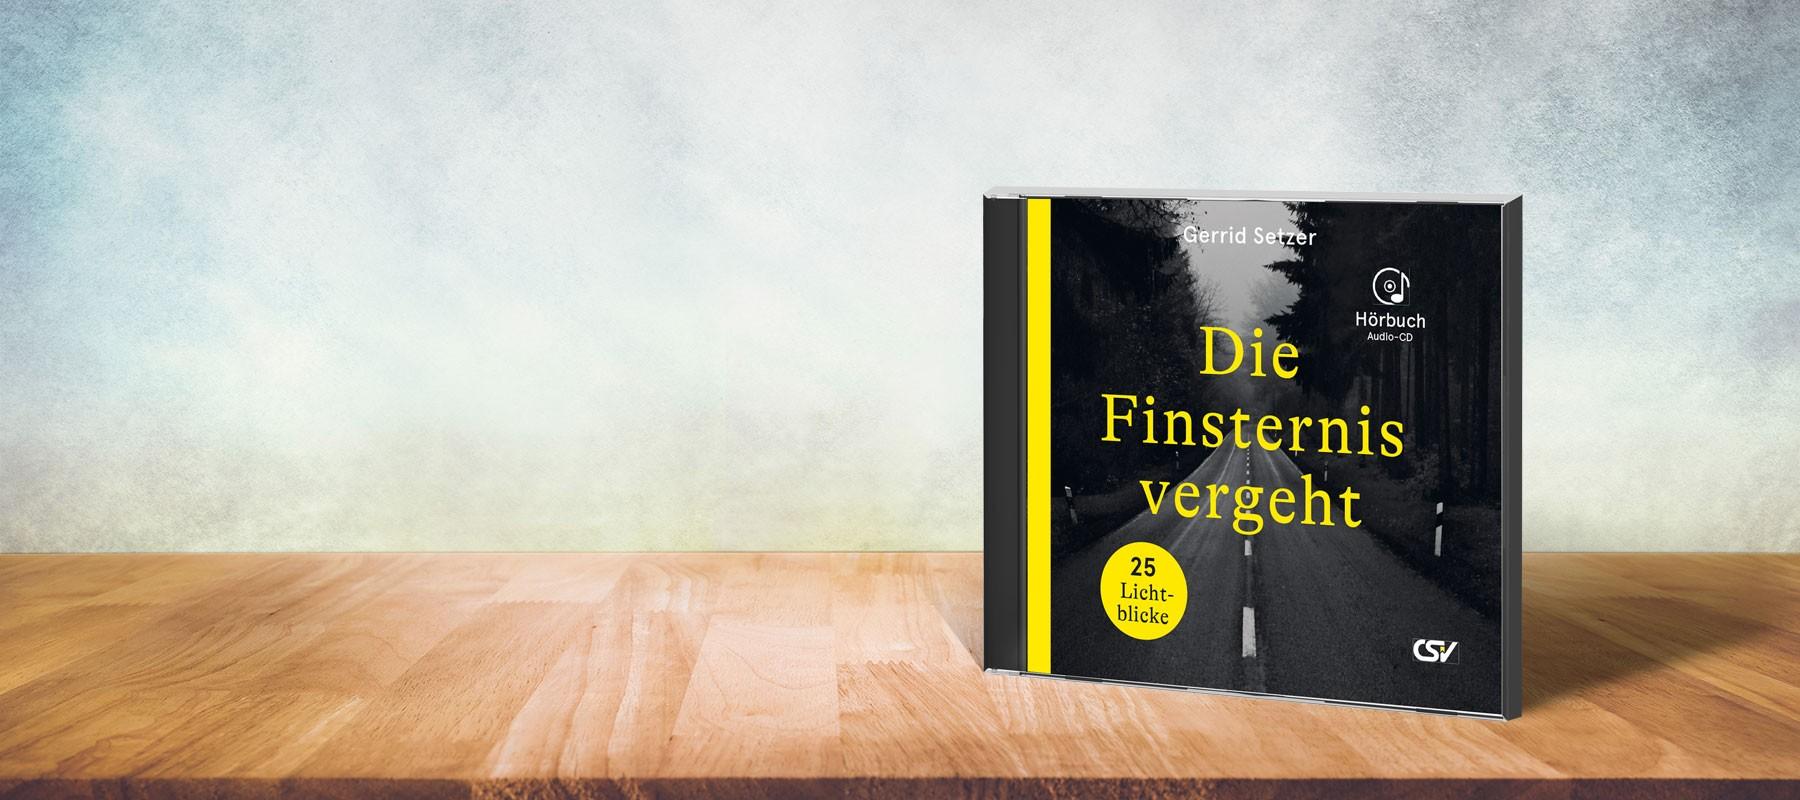 Die Finsternis vergeht (Hörbuch-CD)